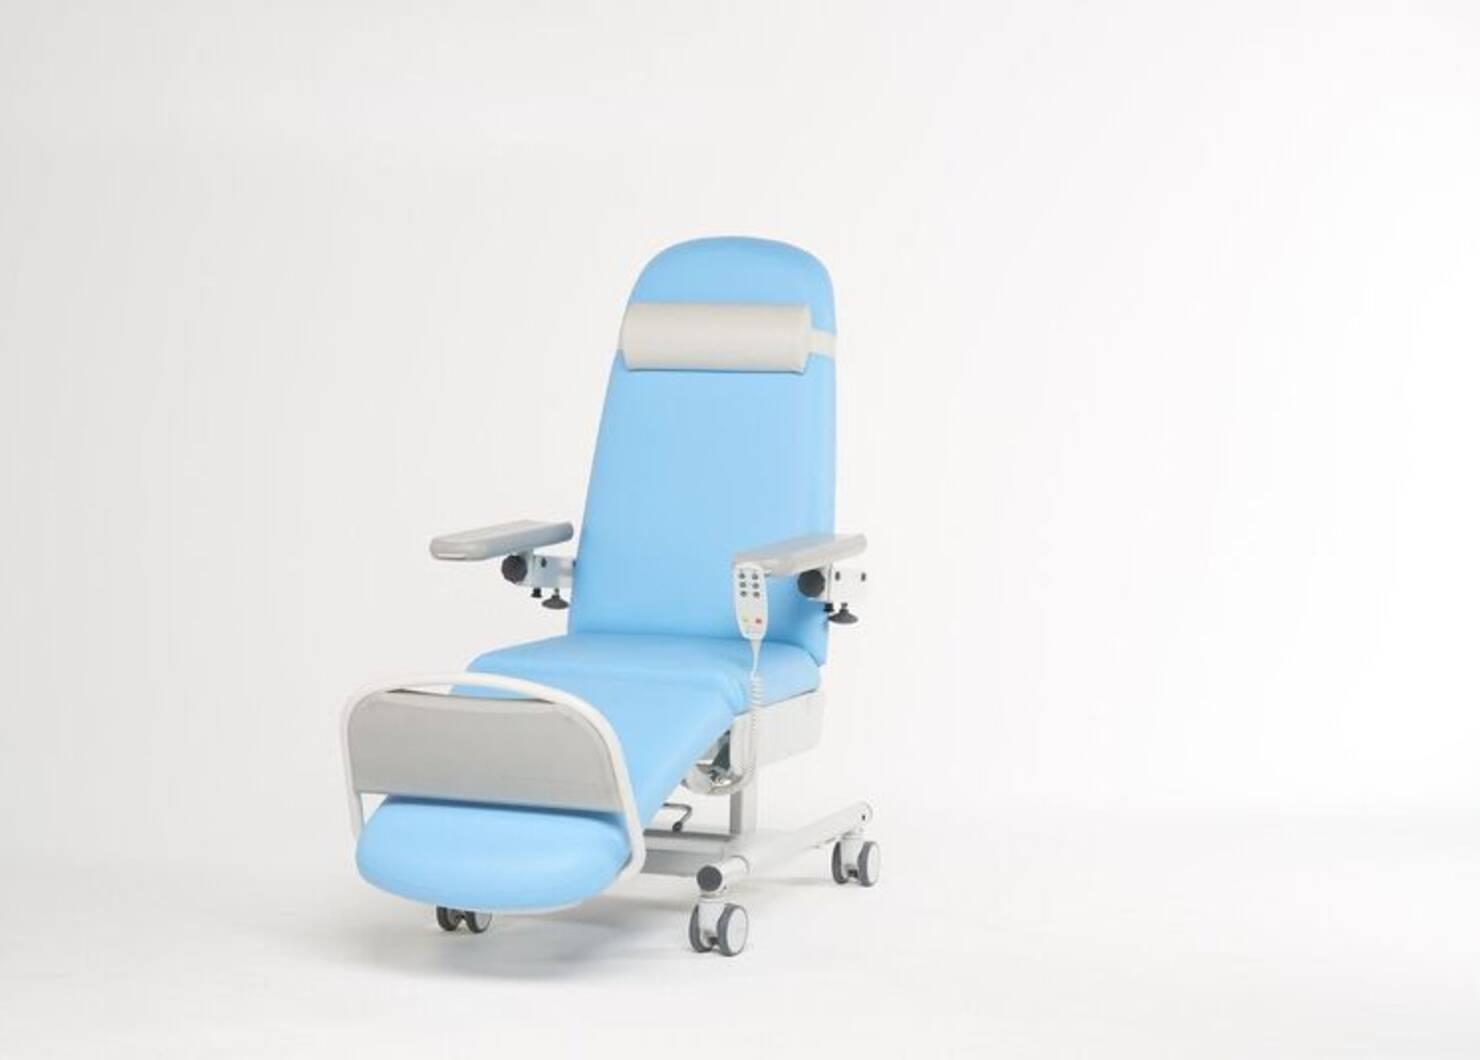 behandelstoelen